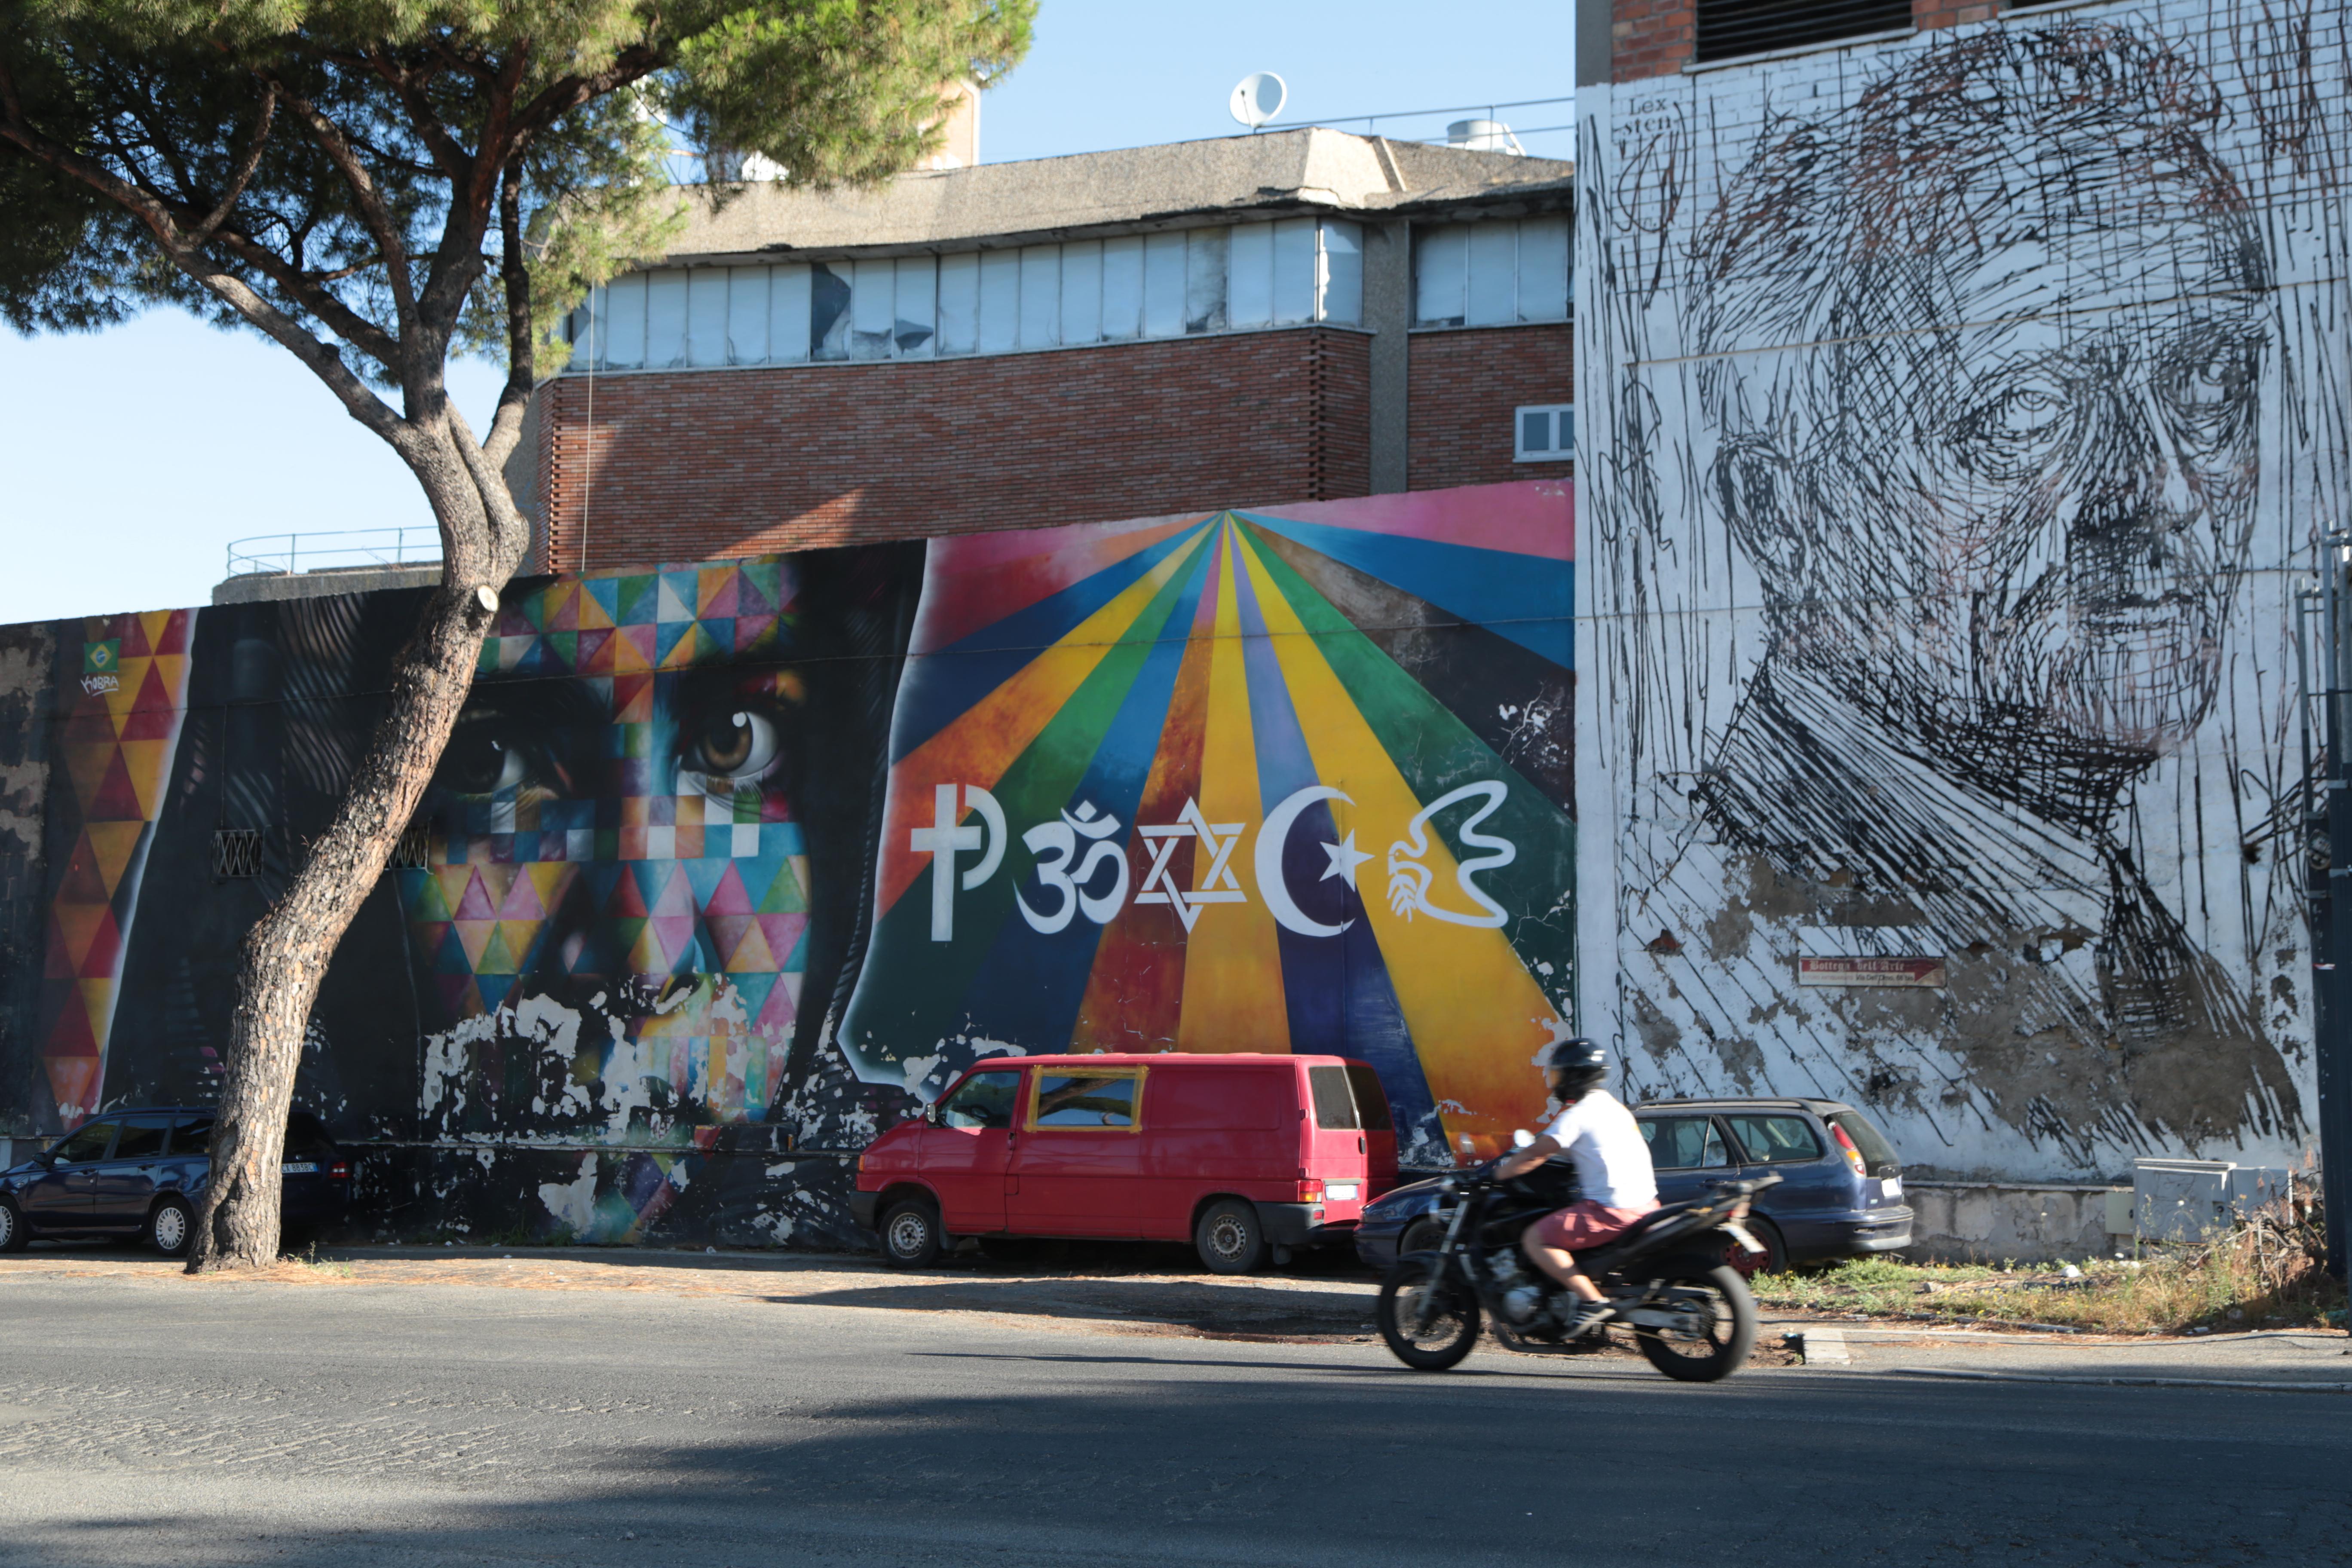 La facciata del complesso occupato in via Prenestina 913 a Roma / Paolo Codato